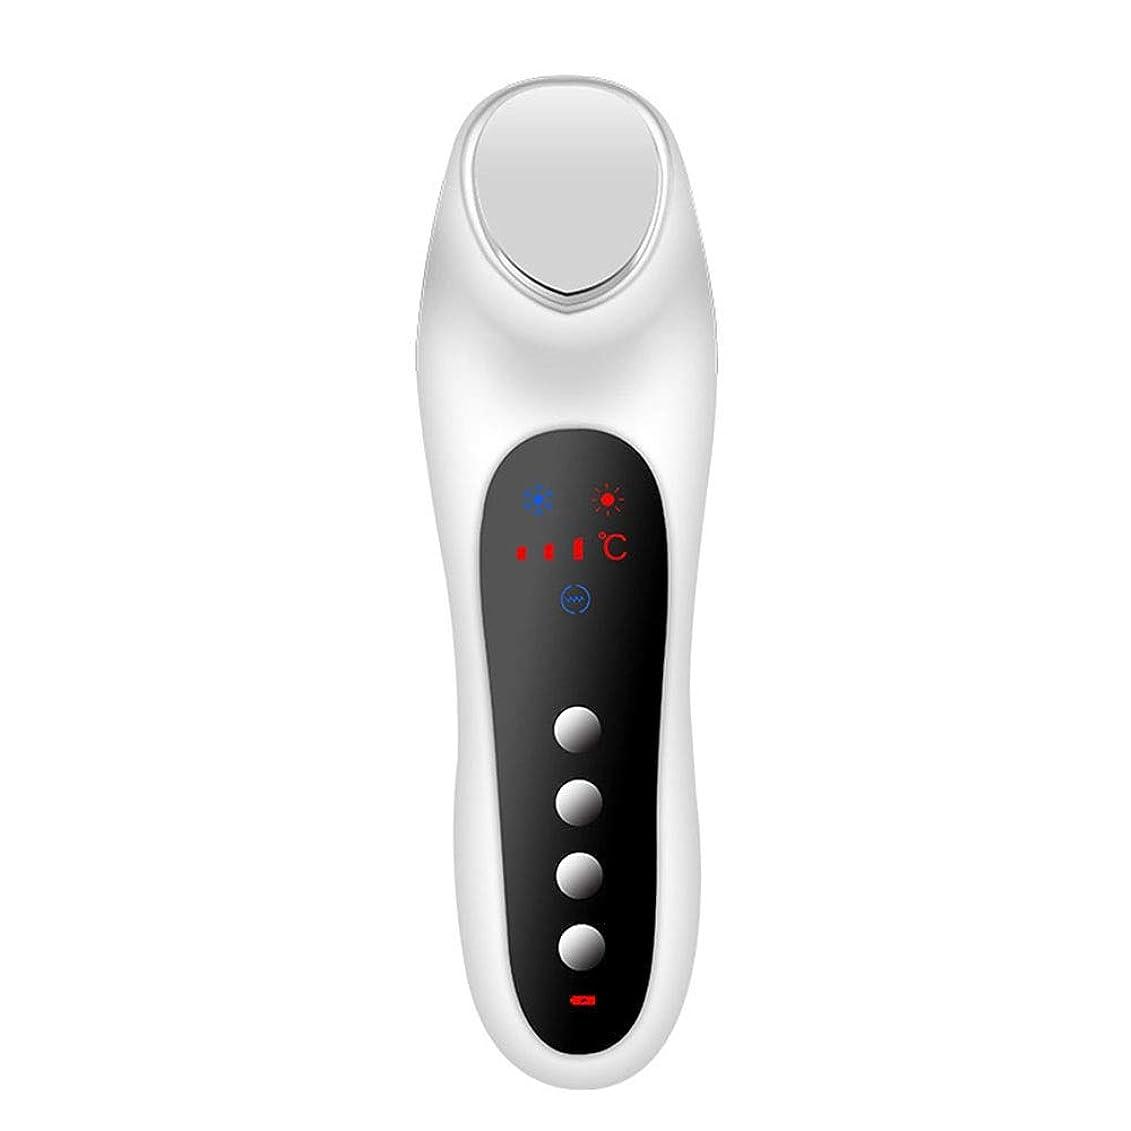 待って鏡専門化するスキンケア 家庭用USB充電冷温暖かいイオン深層導入デュアルモードホット&コールドスイッチング超音波振動マッサージマルチ運動エネルギー美容機器 (色 : White)